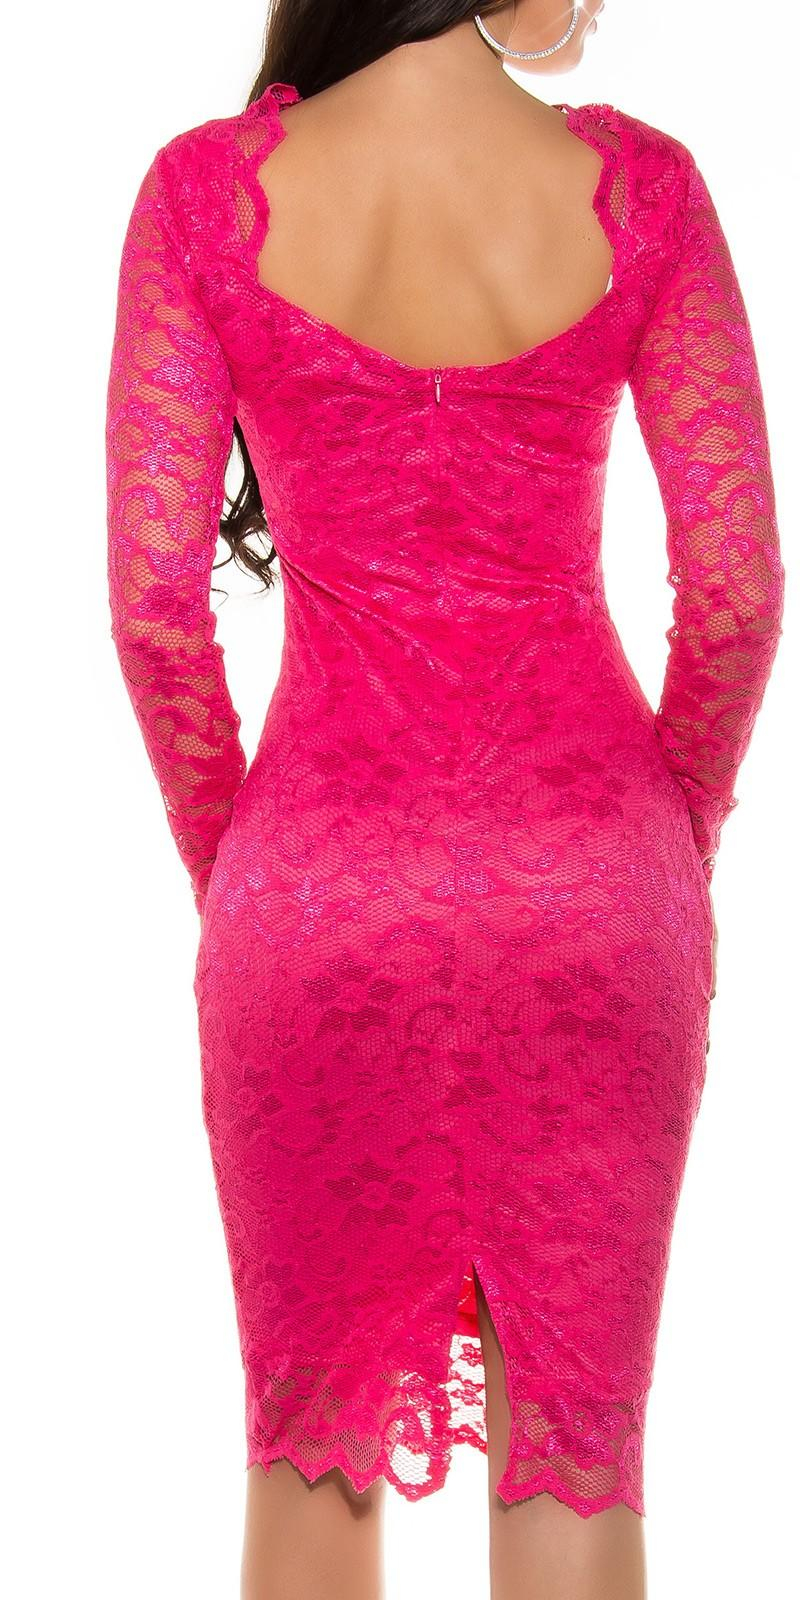 940ae580b17f ... Obrázok pre Púzdrové čipkované šaty   cyklamenové ...